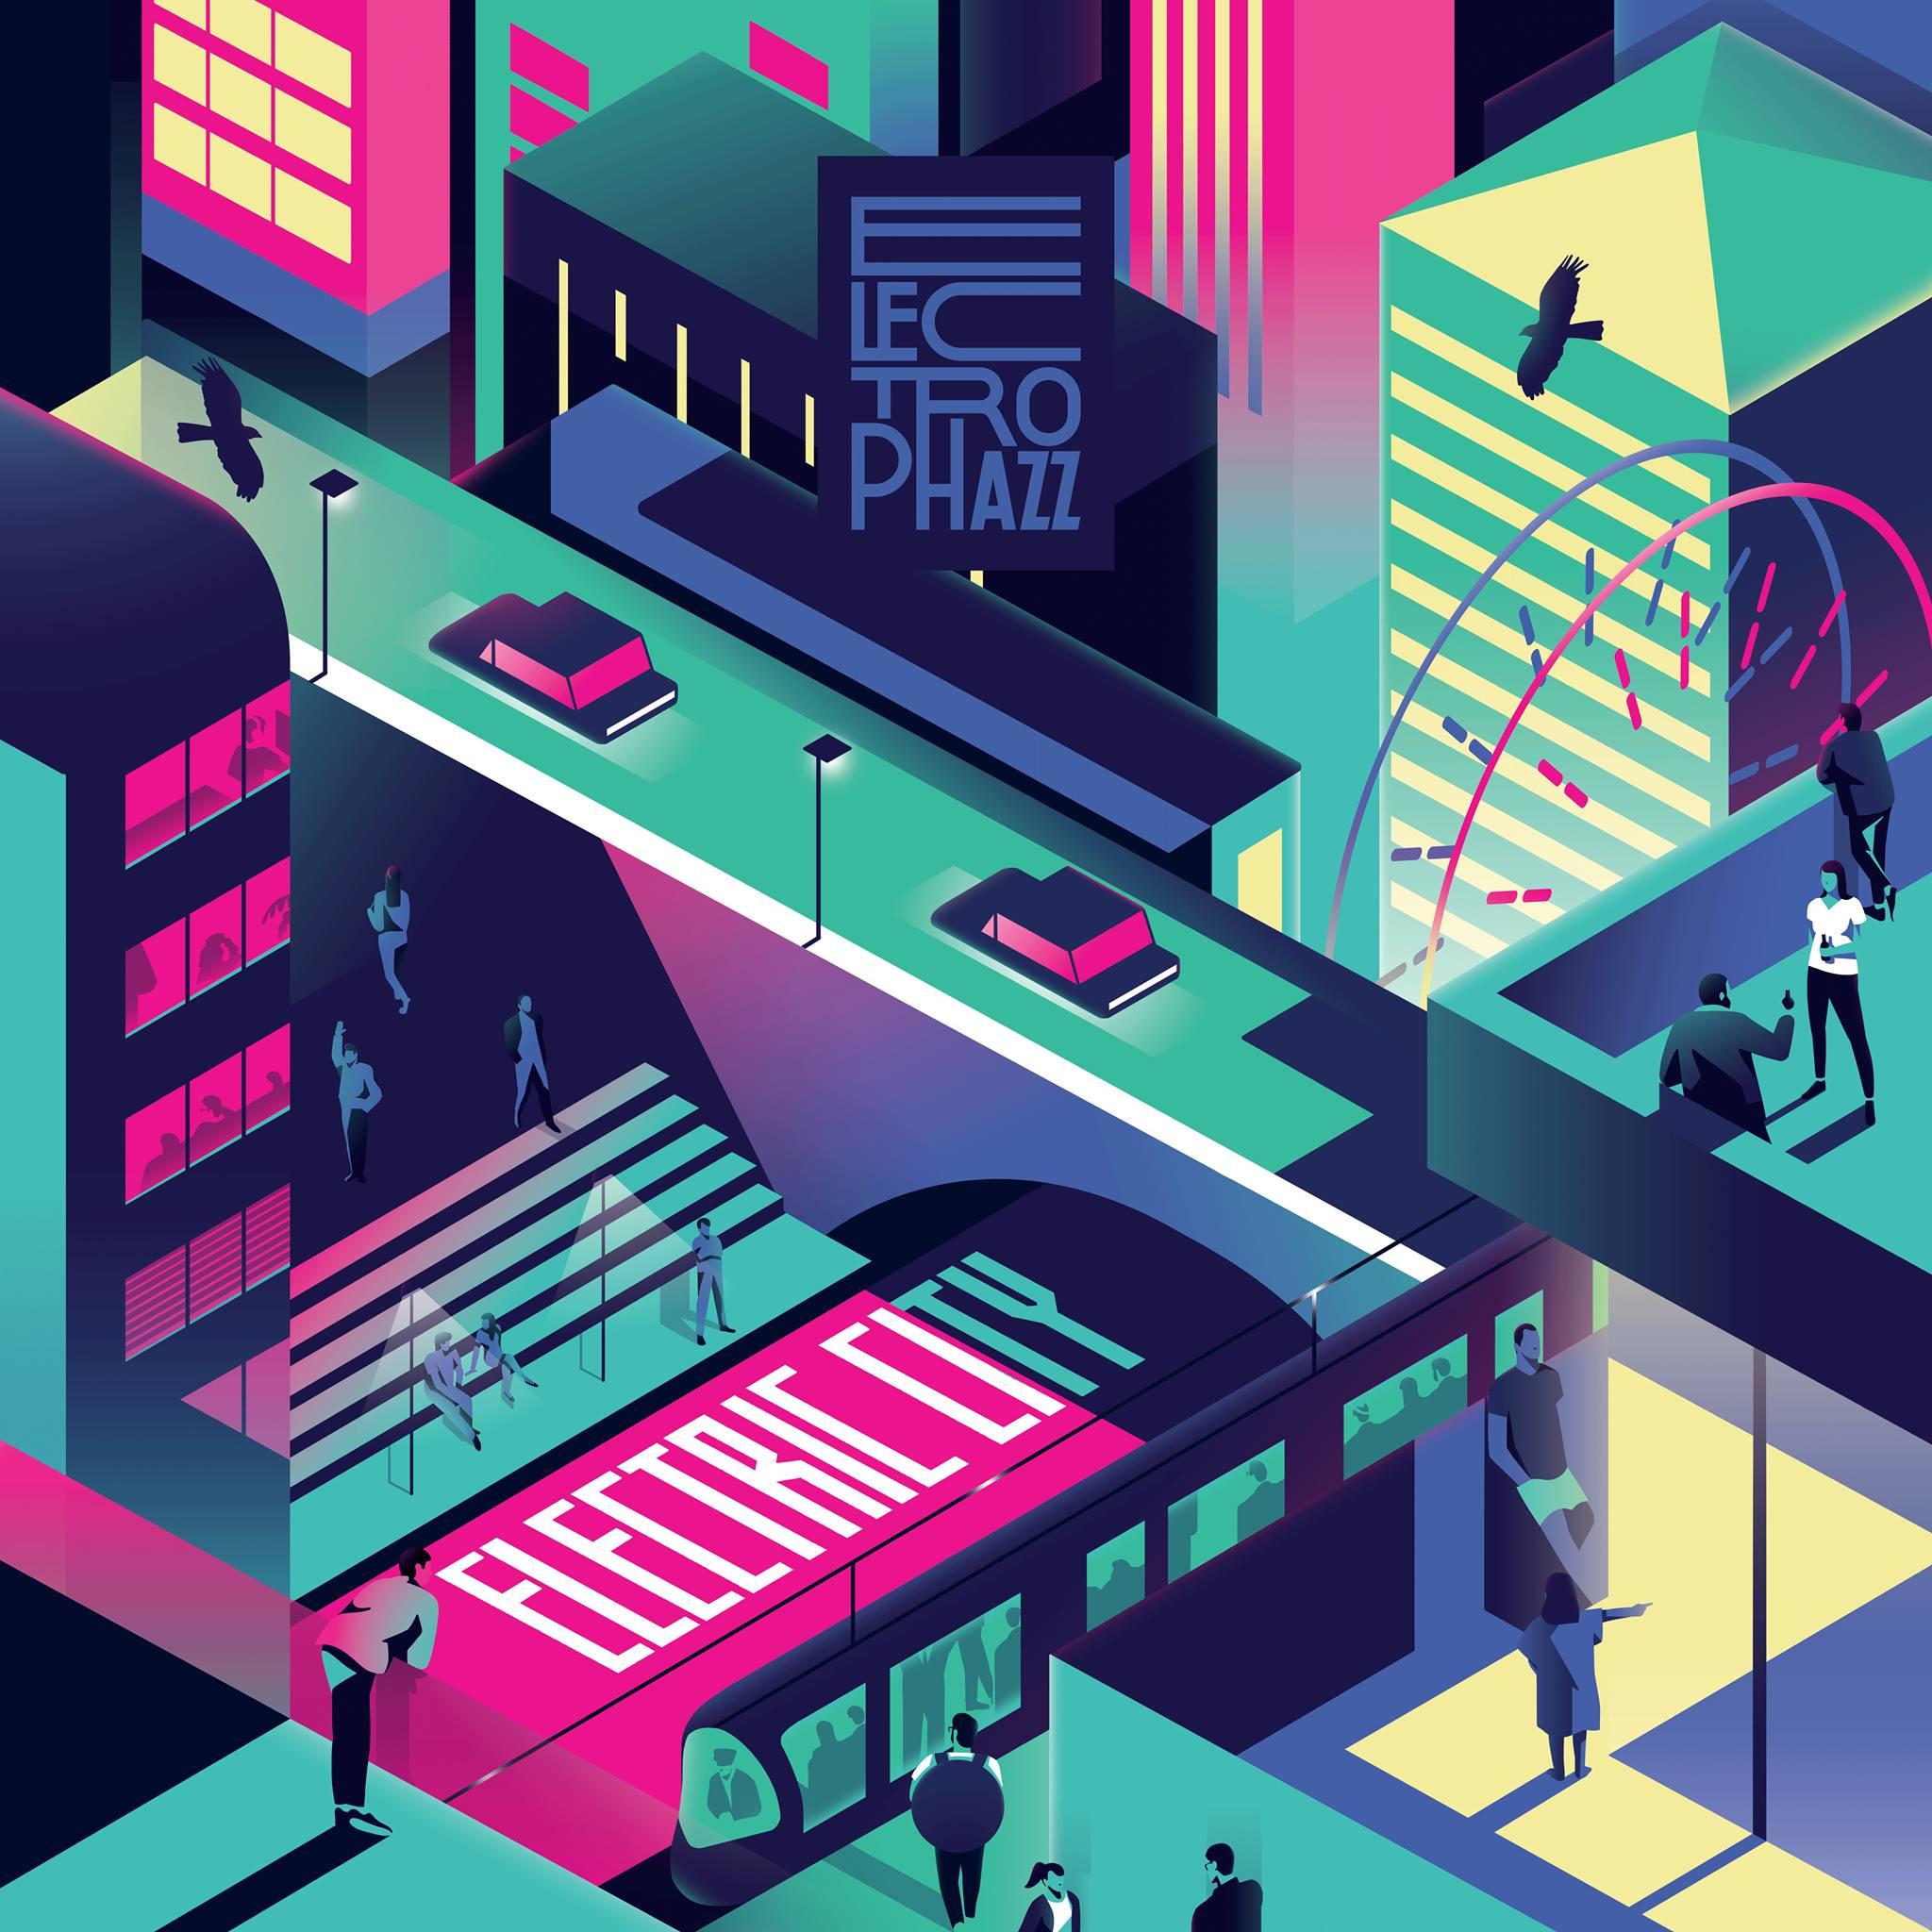 """Electrophazz – """"Electric City"""" : L'Art De Laisser Briller Sa Vraie Nature"""